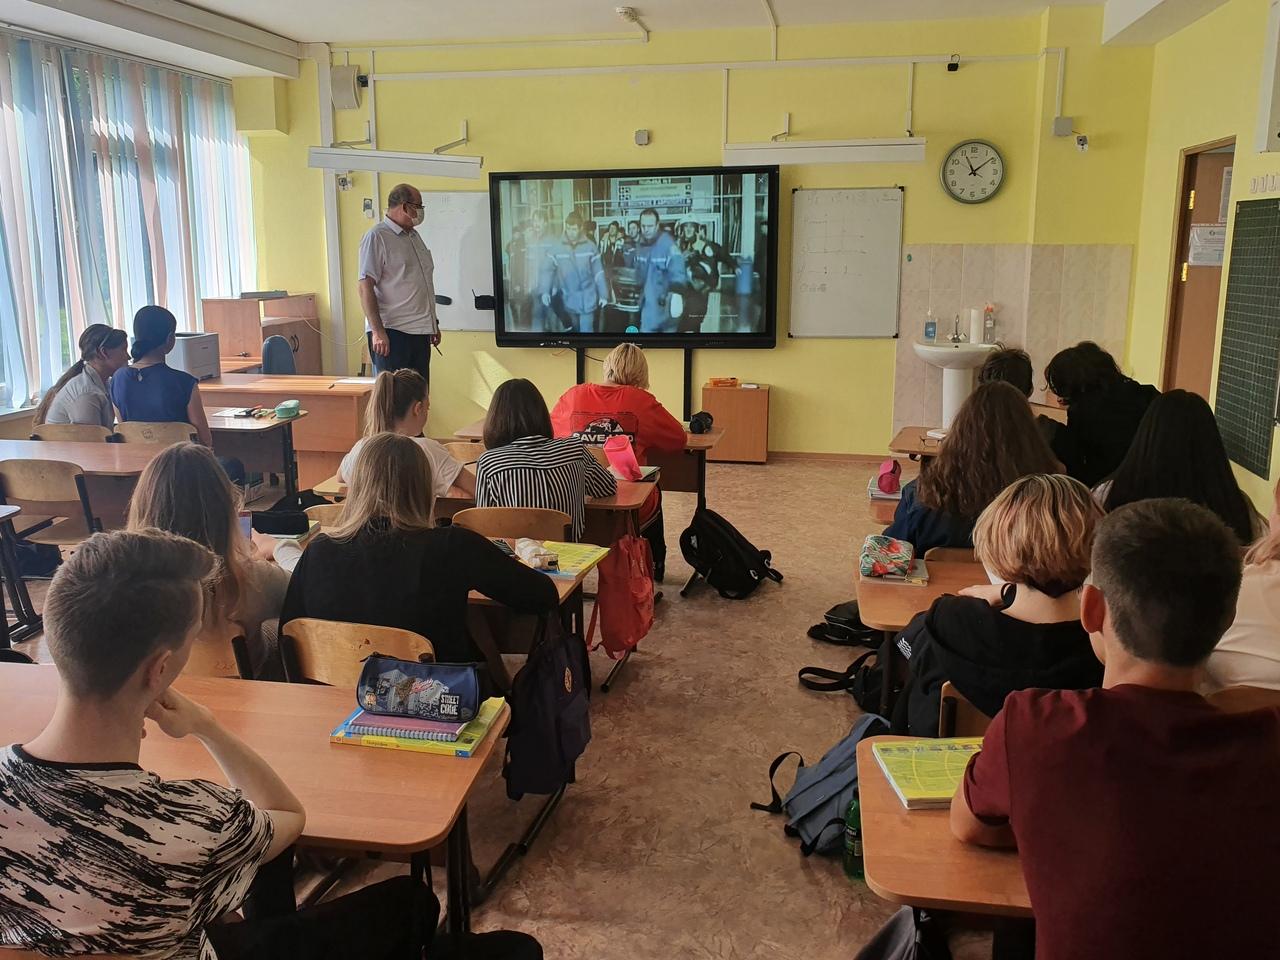 Московским школьникам в начале учебного года рассказали о правилах безопасности